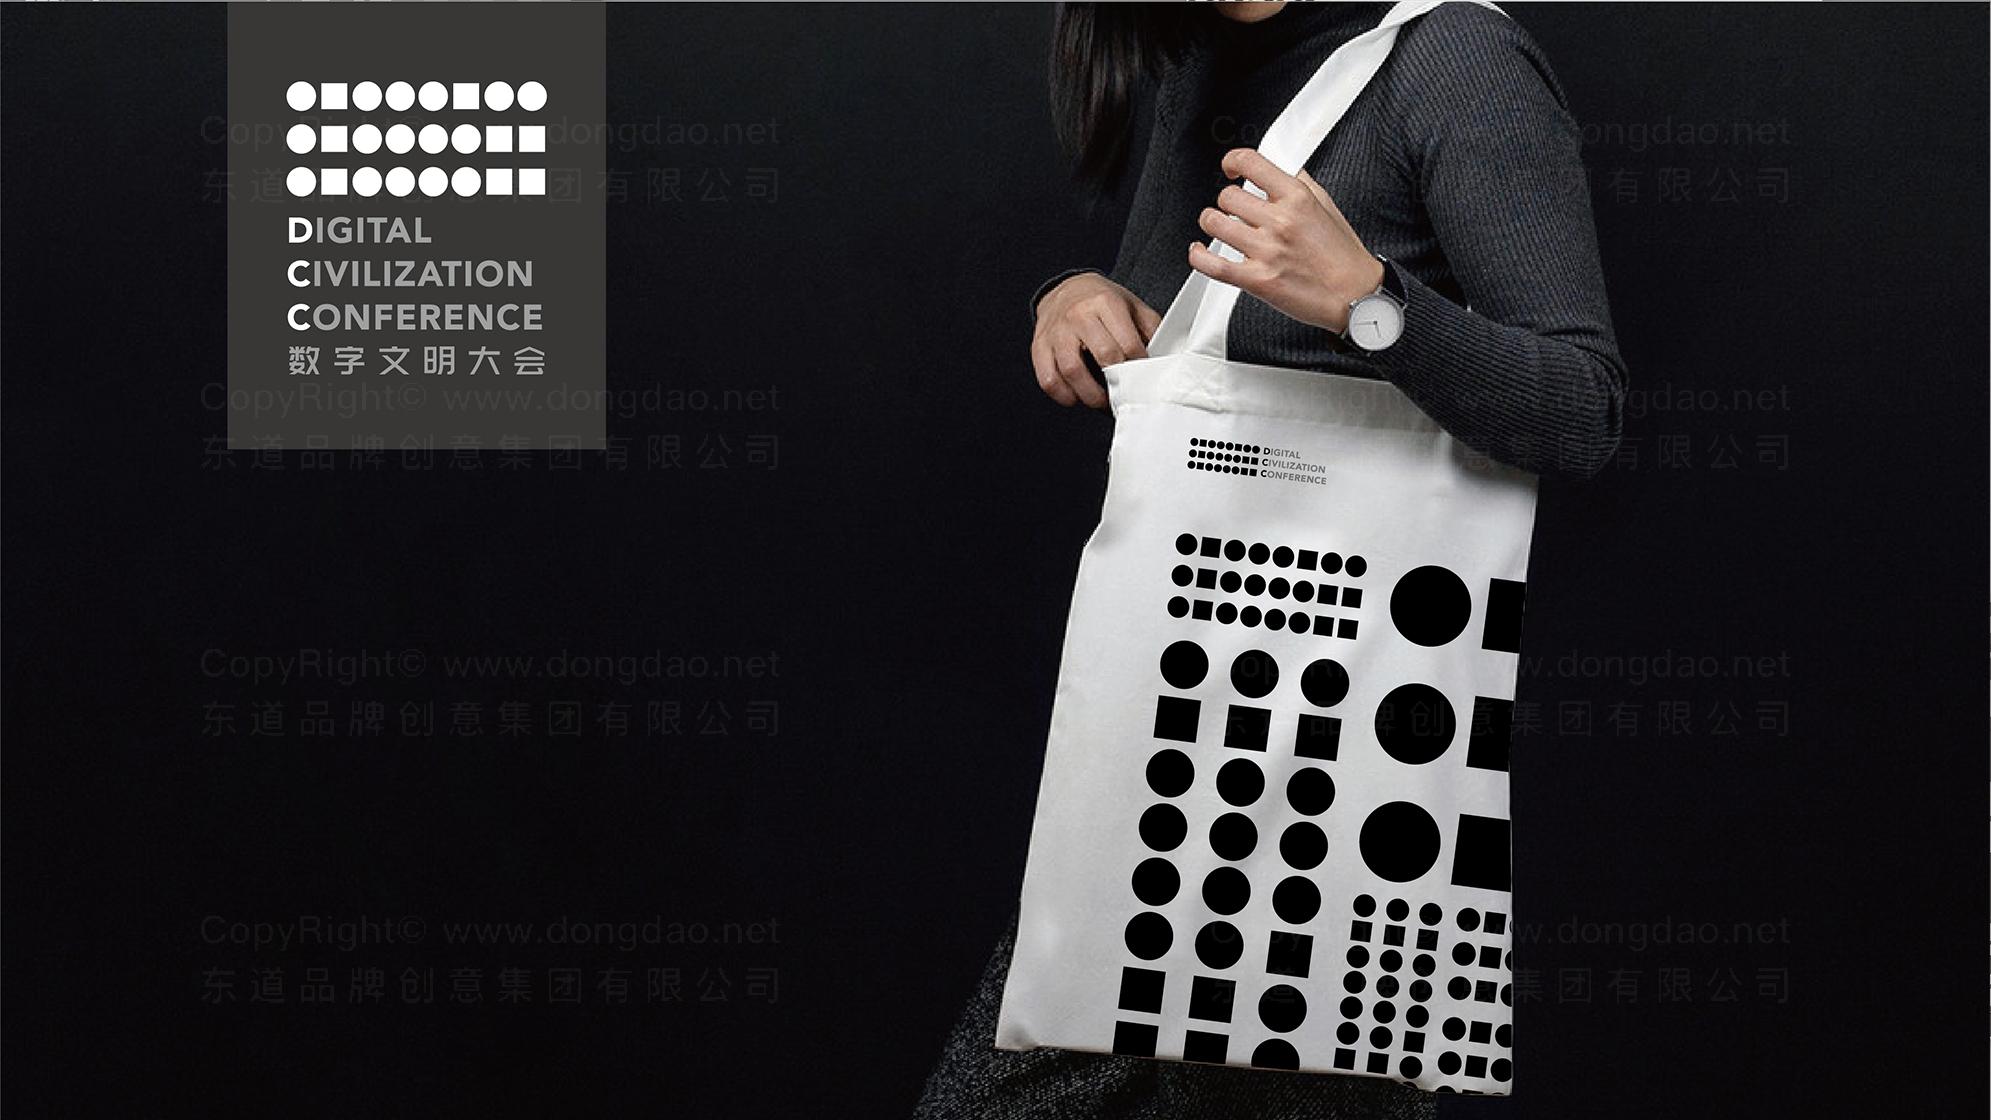 品牌设计数字文明大会标志设计应用场景_17